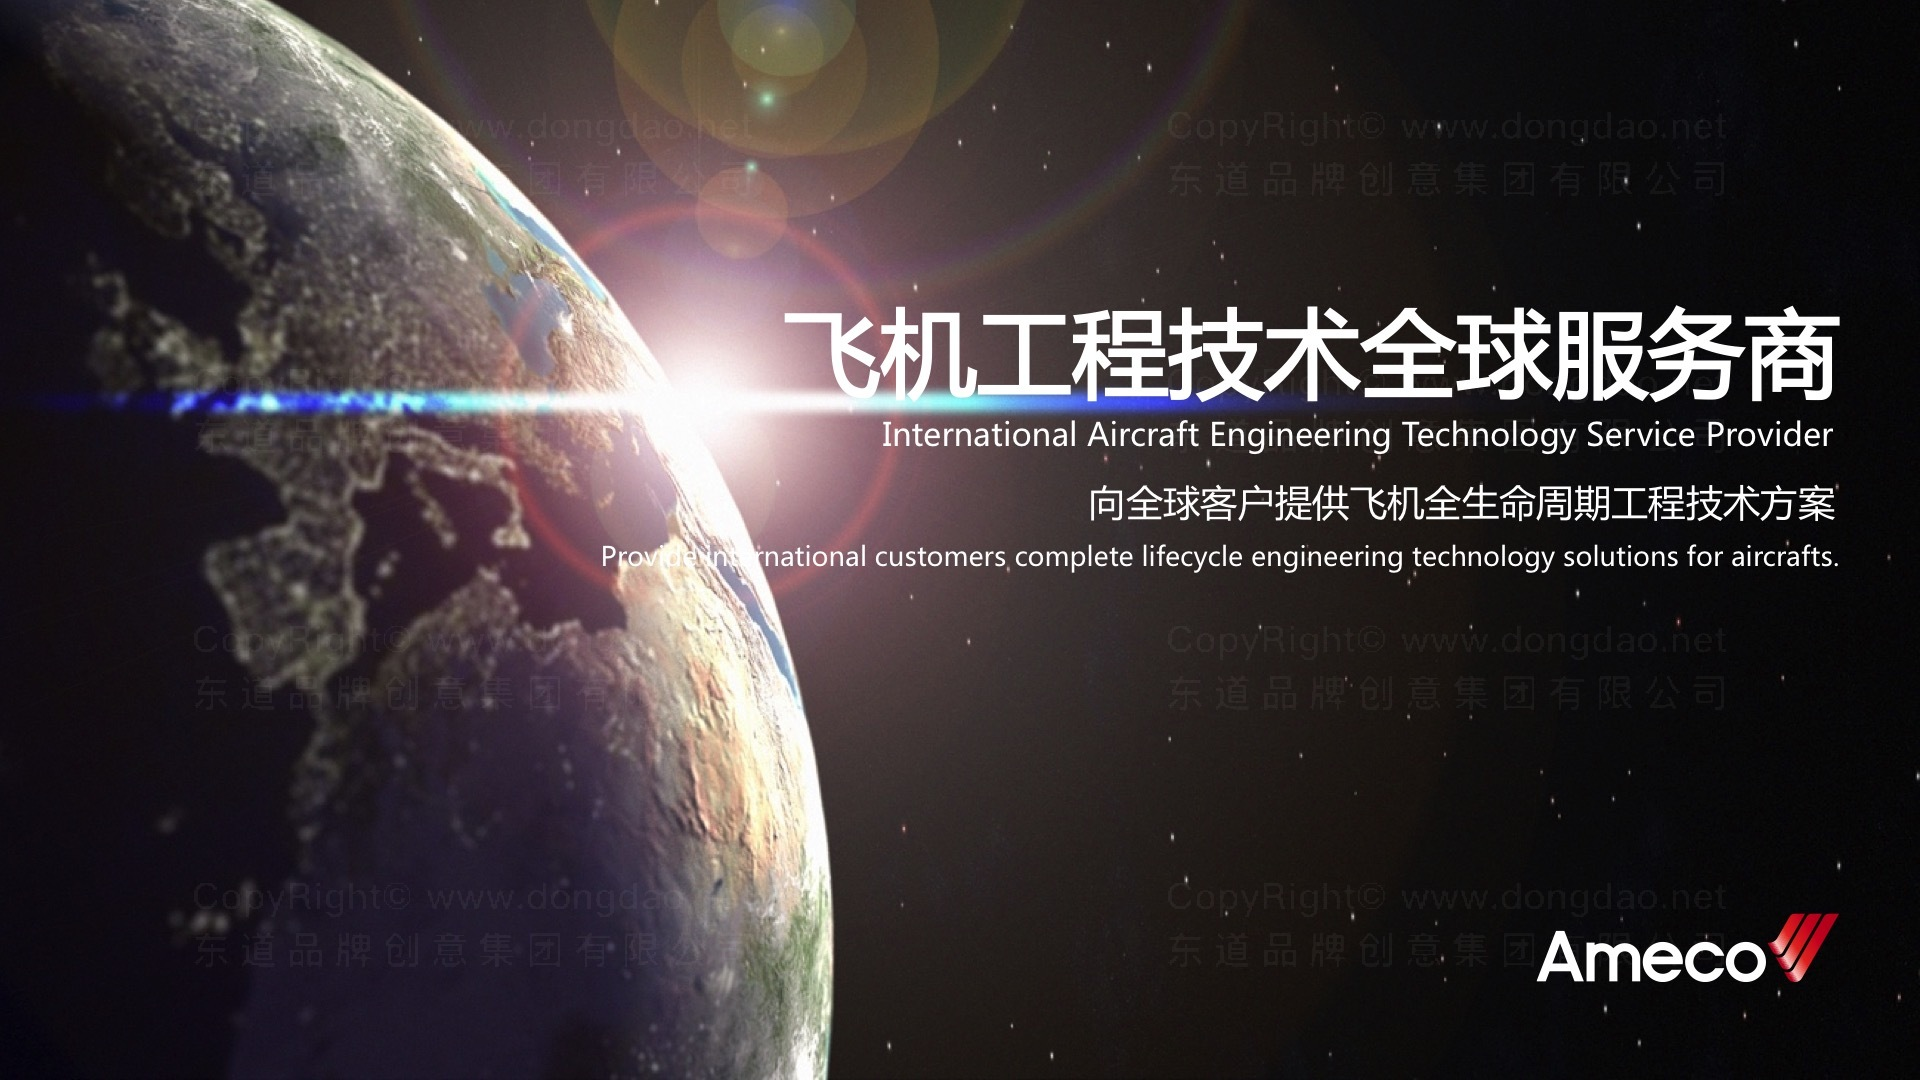 品牌战略&企业文化中国国航Ameco品牌战略规划应用